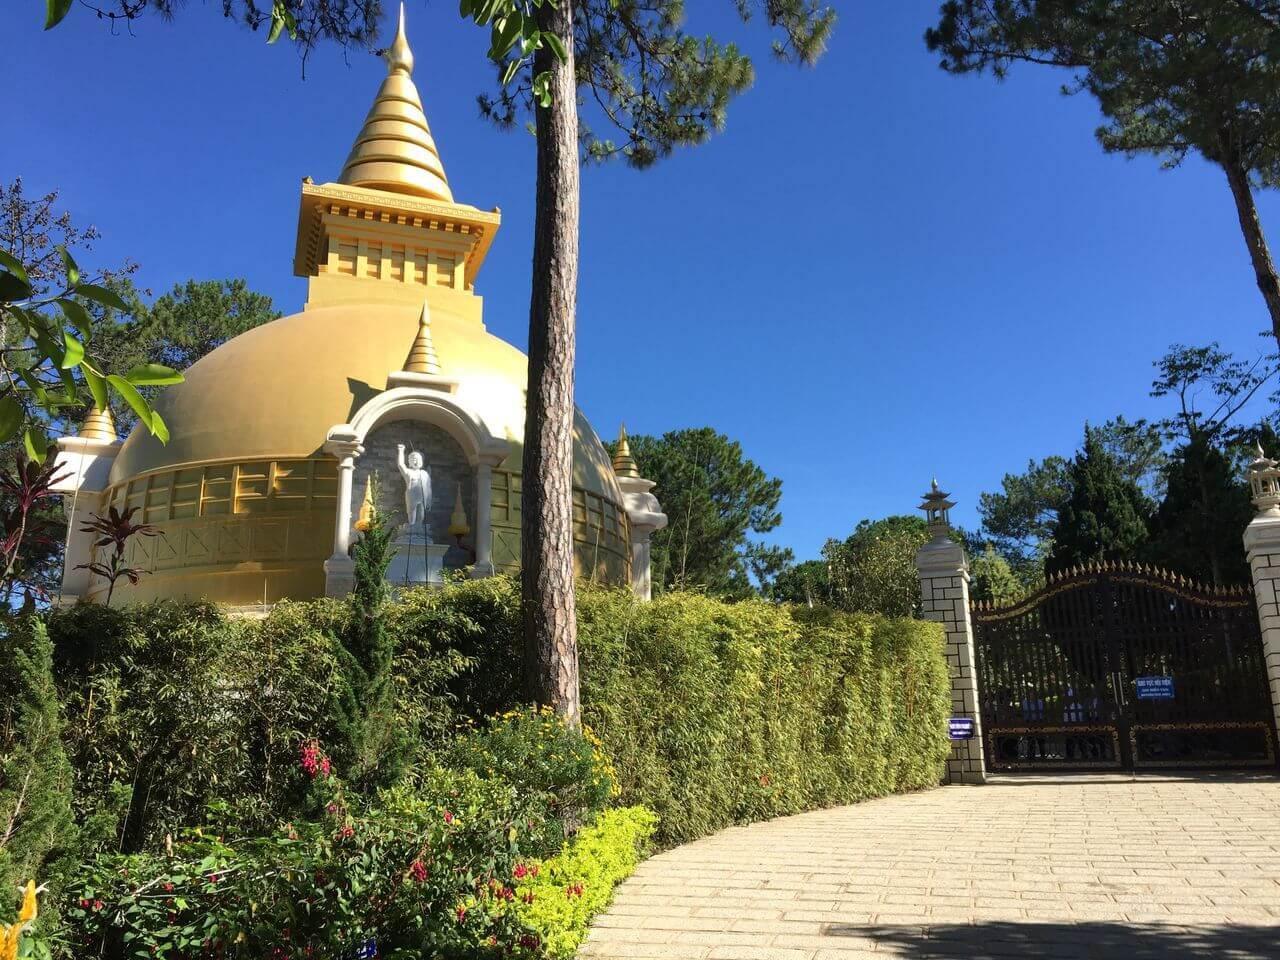 Монастырь Чук Лам и канатная дорога в Далате